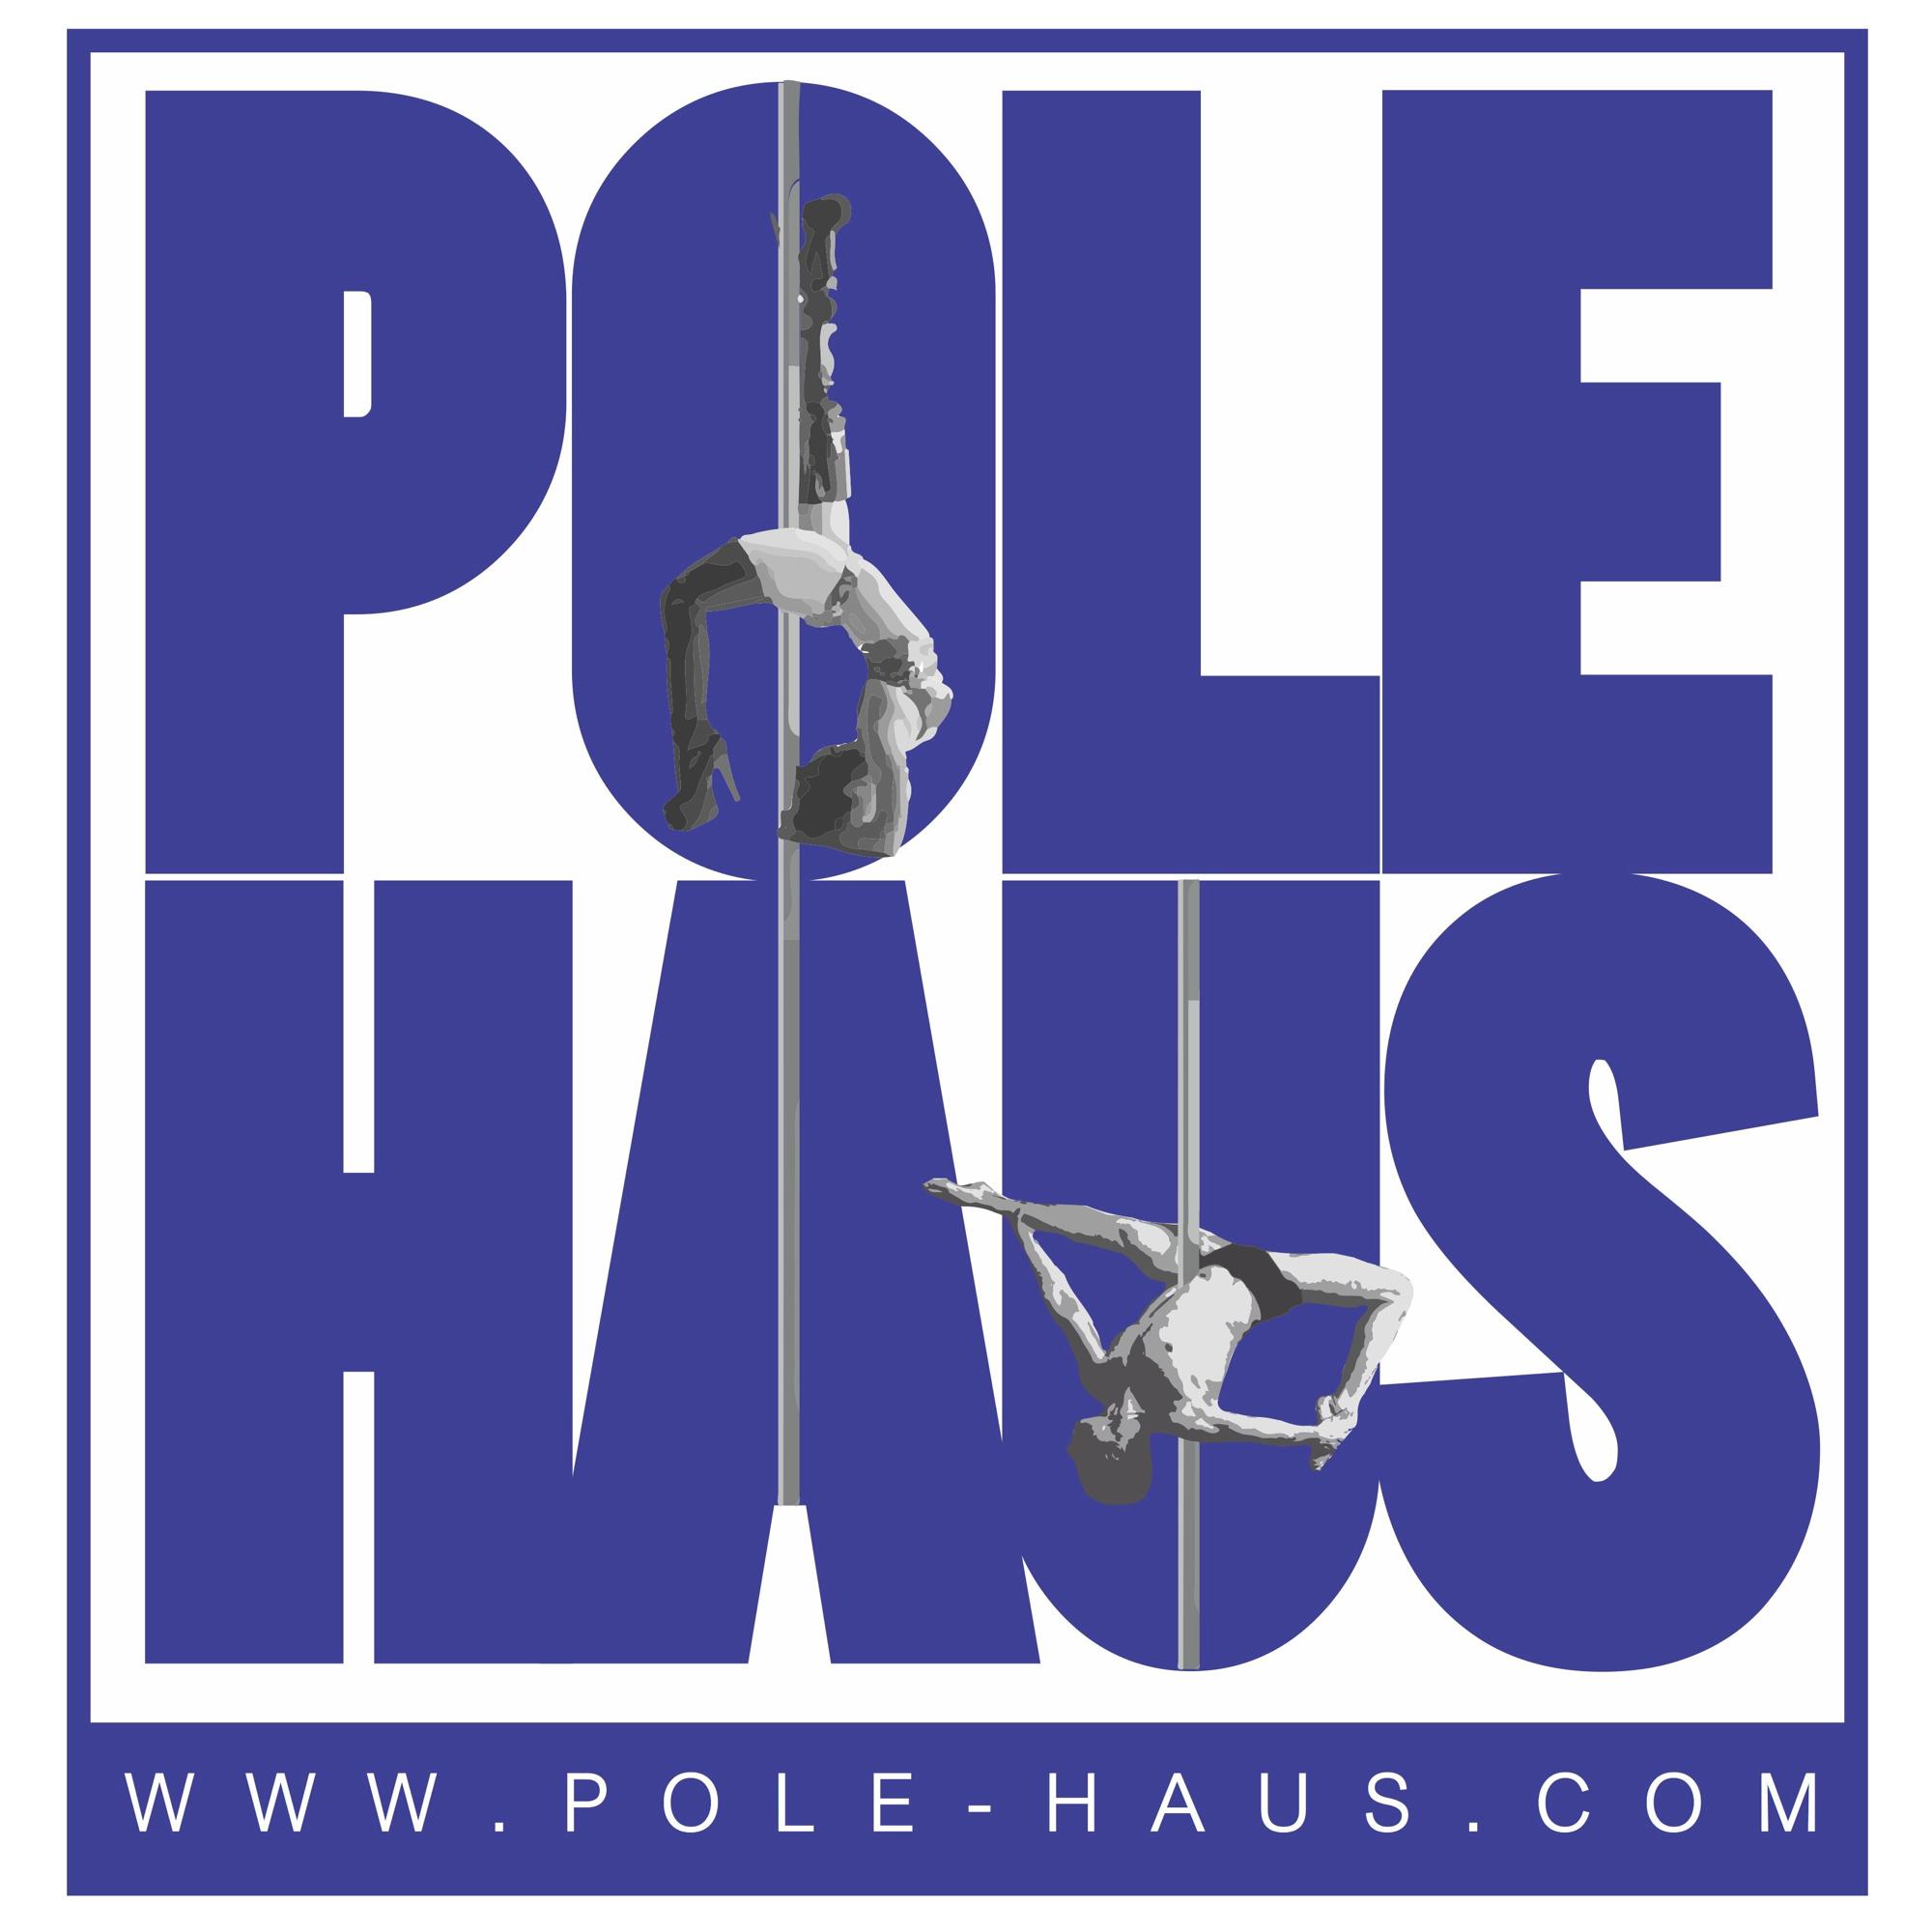 pole_haus_logo.png